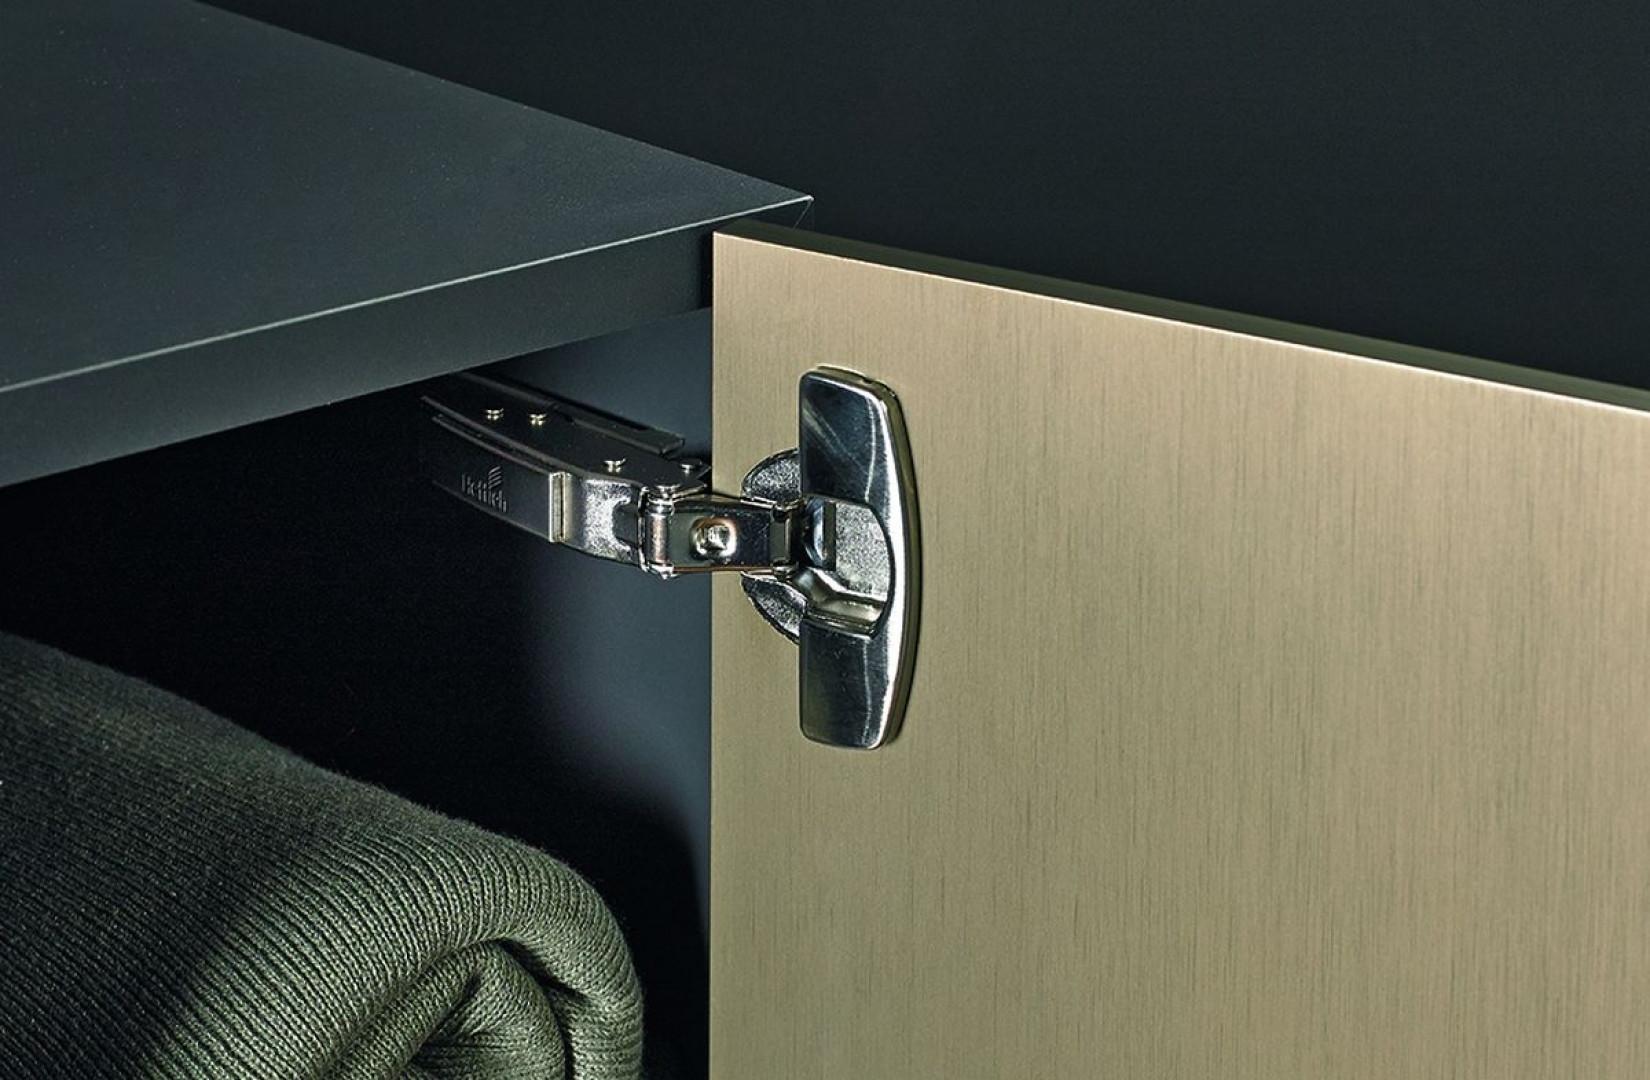 Lżejsze meble są bardziej mobilne, co pozwala na swobodniejszą zmianę aranżacji, a także łatwiej się je transportuje. Fot. Hettich